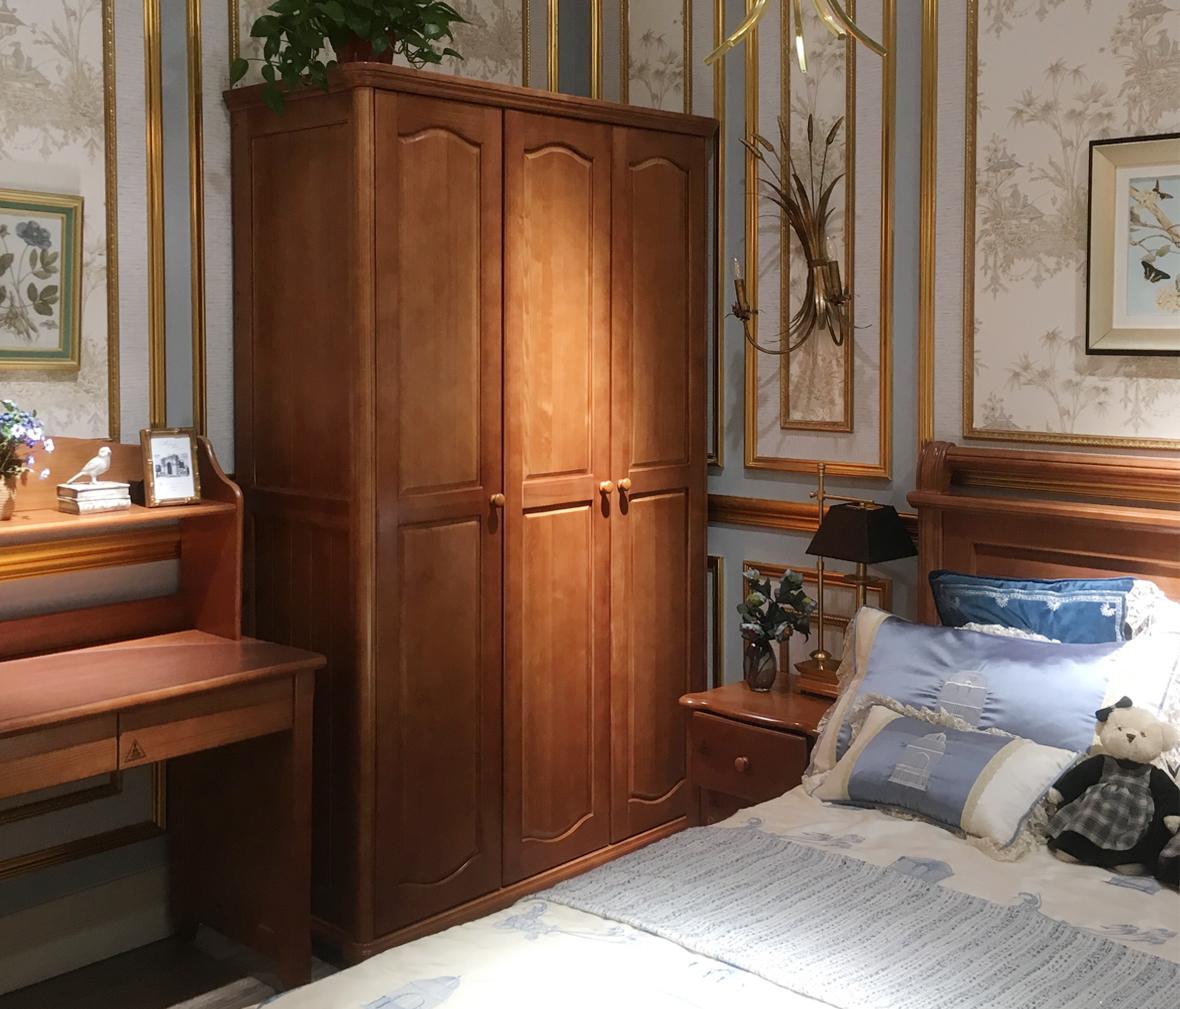 多喜爱儿童家具 qtd604-t d1三型号欧洲进口实木三门衣柜